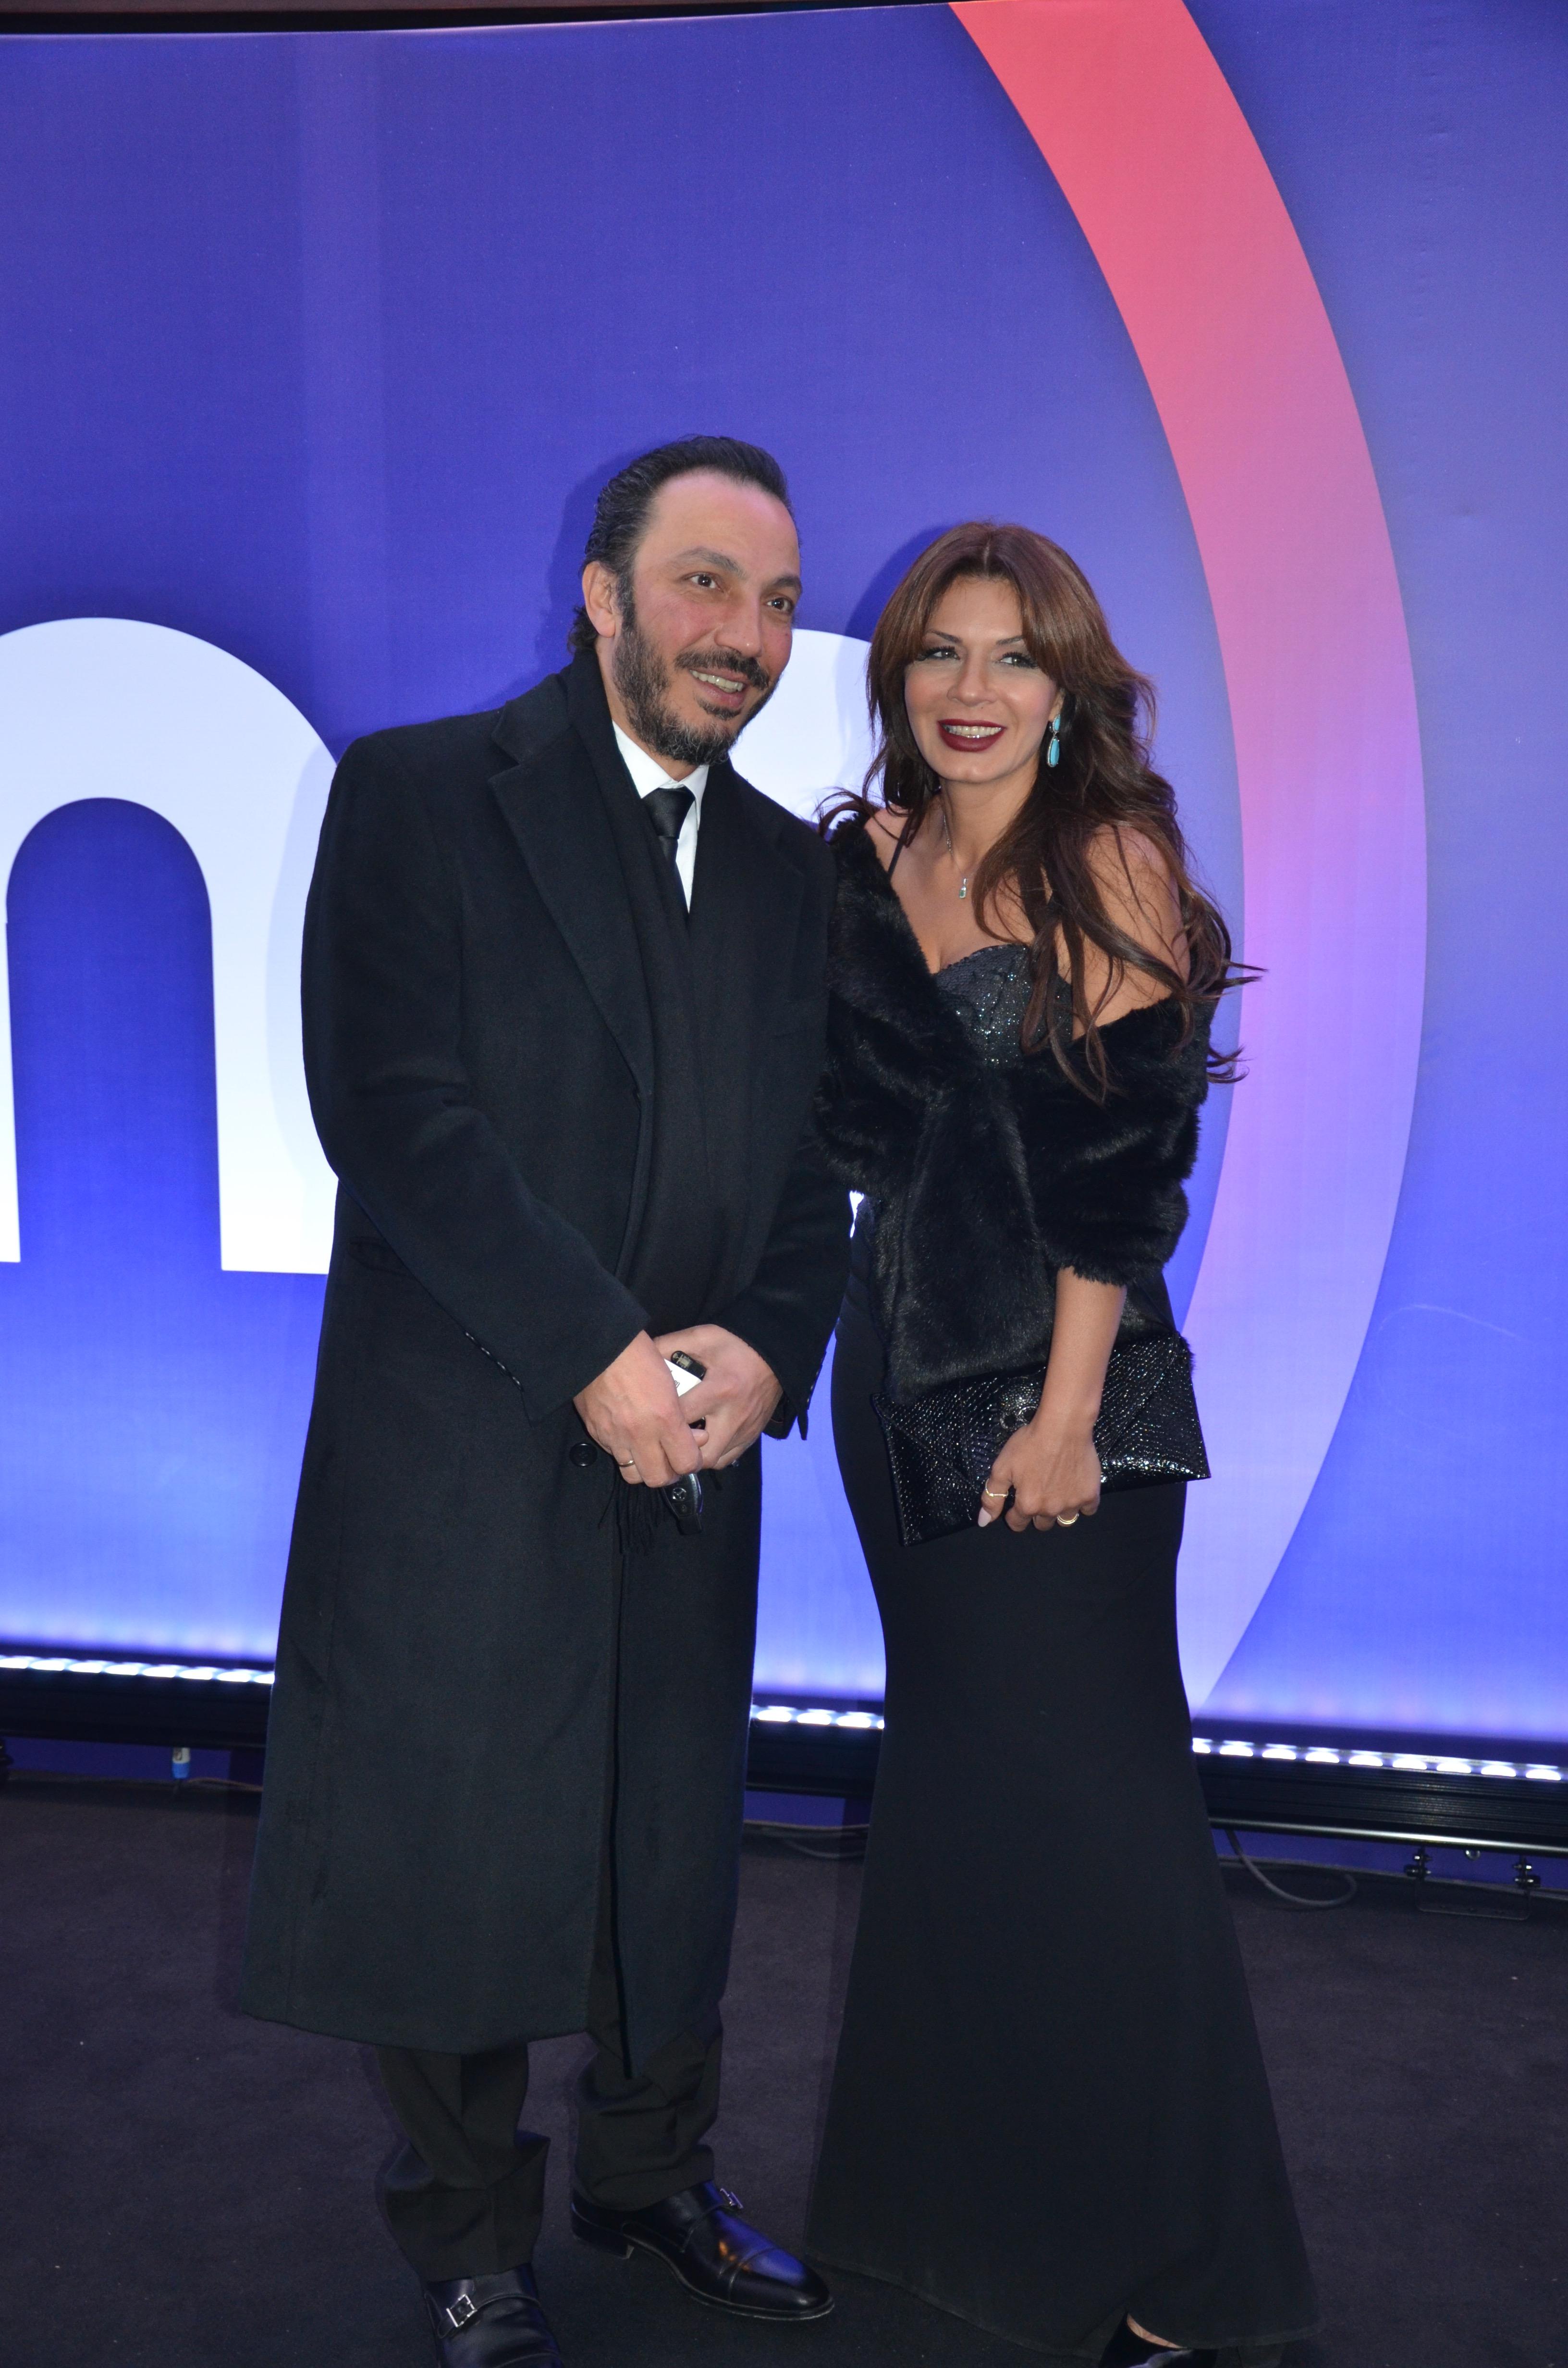 Tarek Lotfy and Naglaa Badr